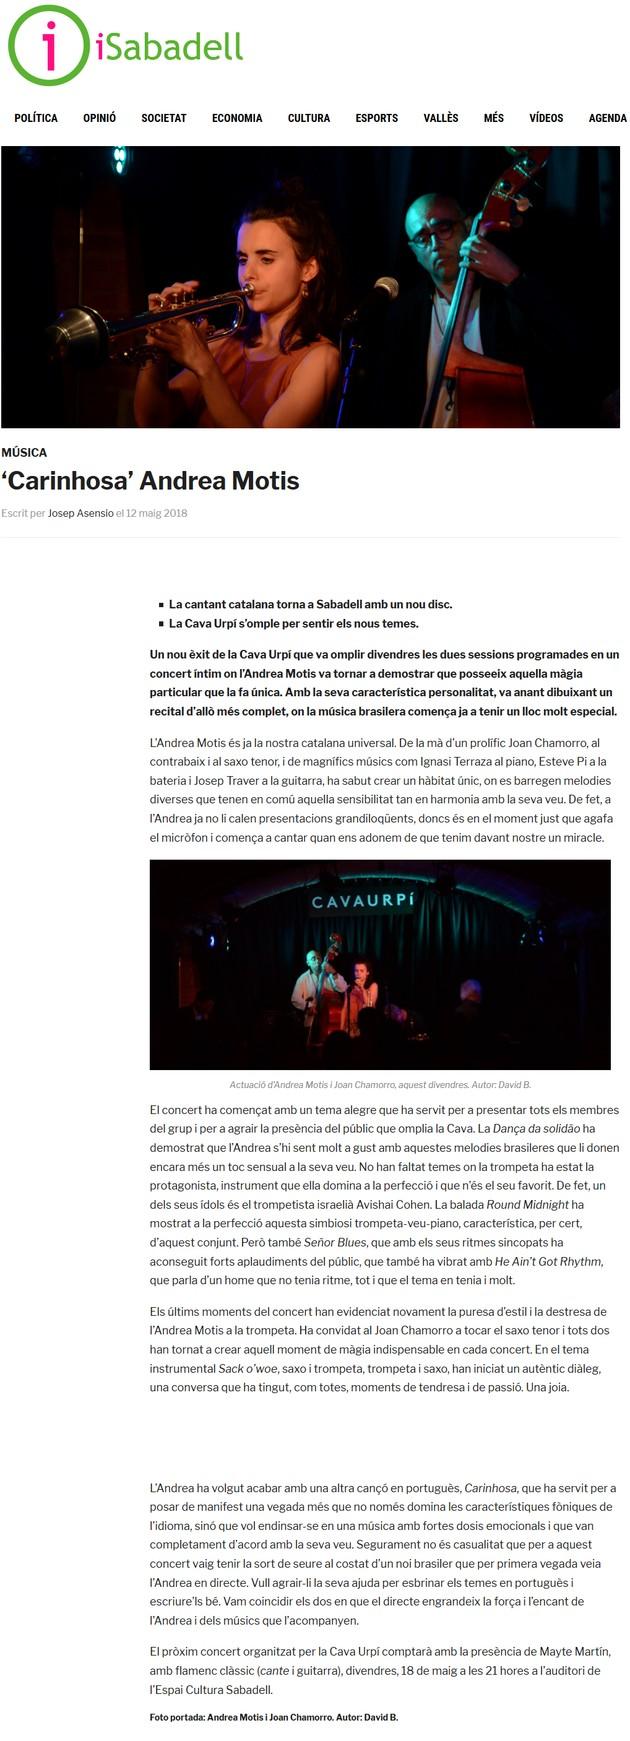 iSabadell: 'Carinhosa' Andrea Motis